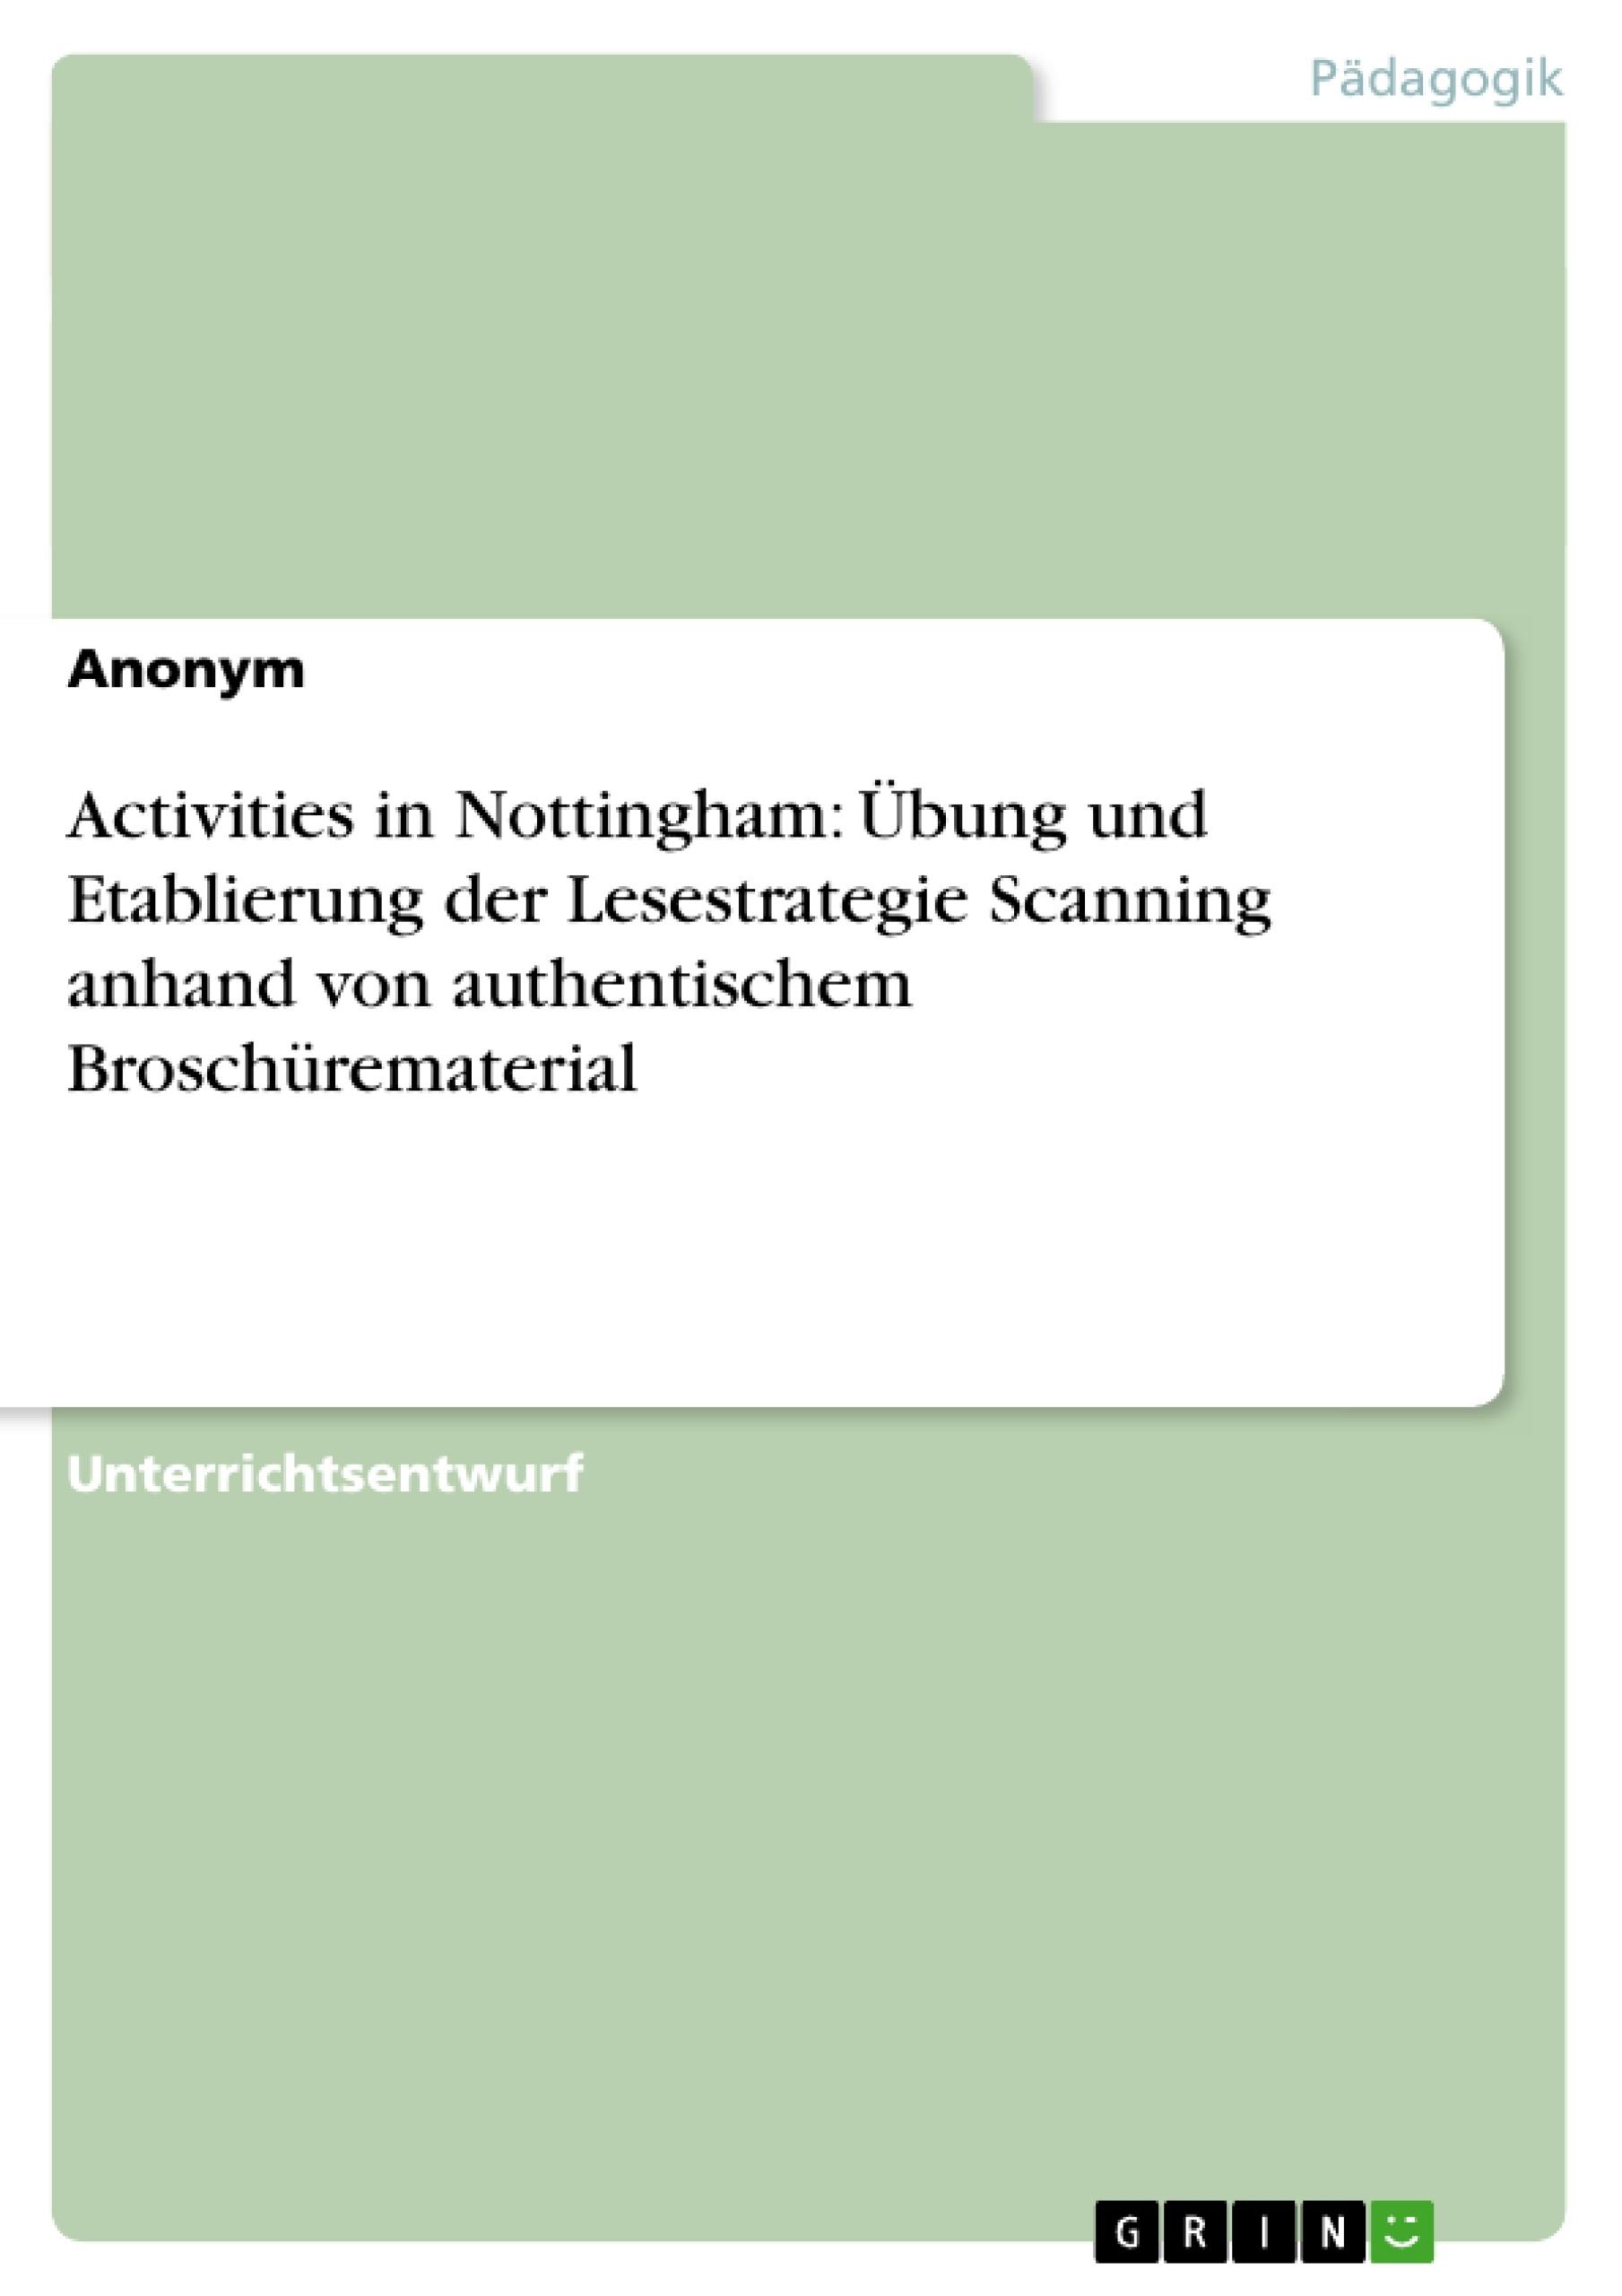 Titel: Activities in Nottingham: Übung und Etablierung der Lesestrategie Scanning anhand von authentischem Broschürematerial